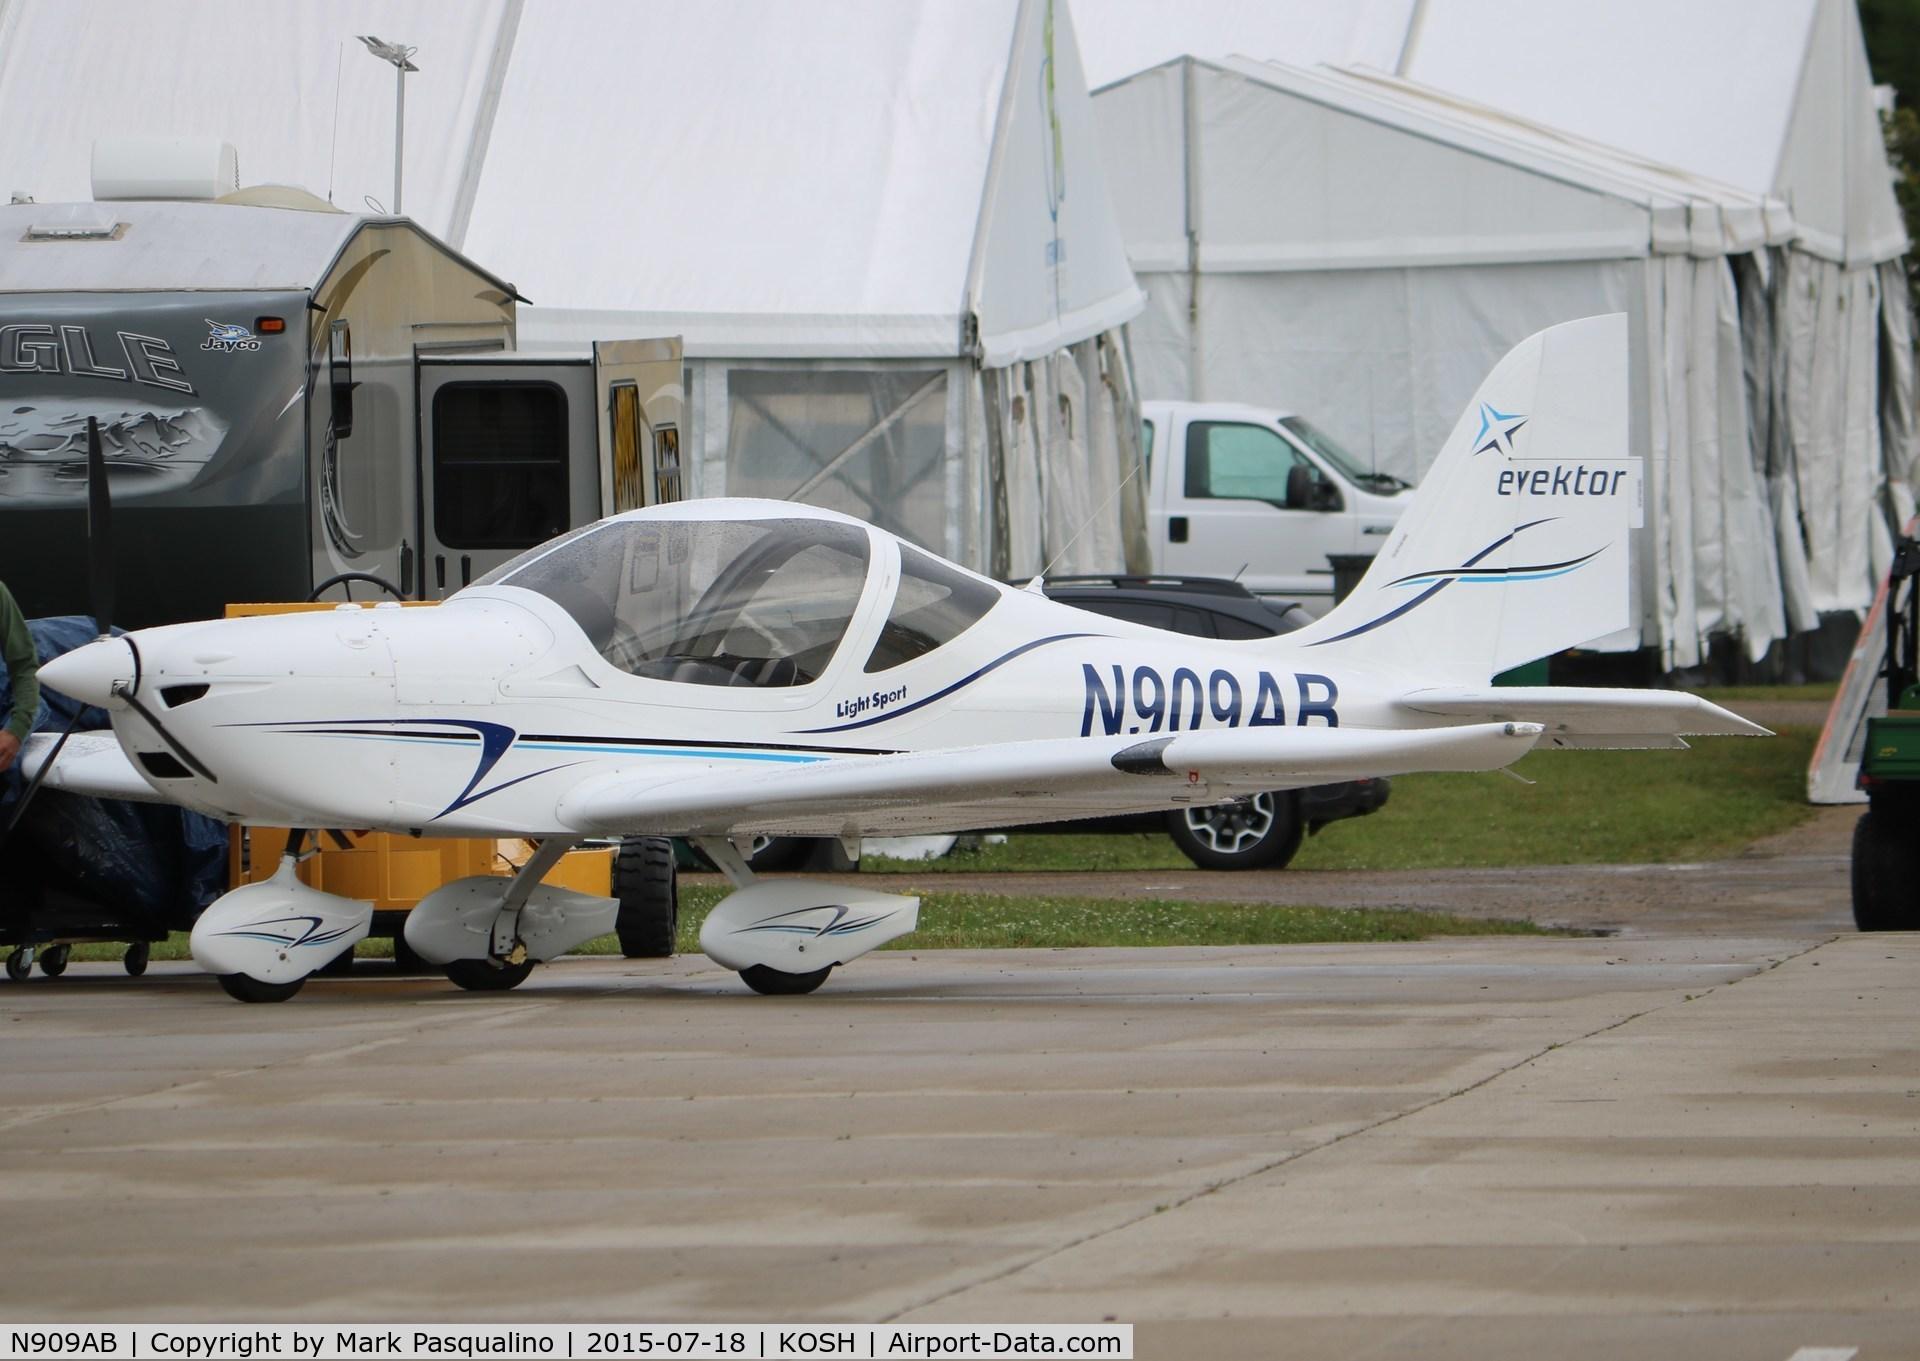 N909AB, 2013 Evektor-Aerotechnik Harmony LSA C/N 2013-1614, Evektor Harmony LSA